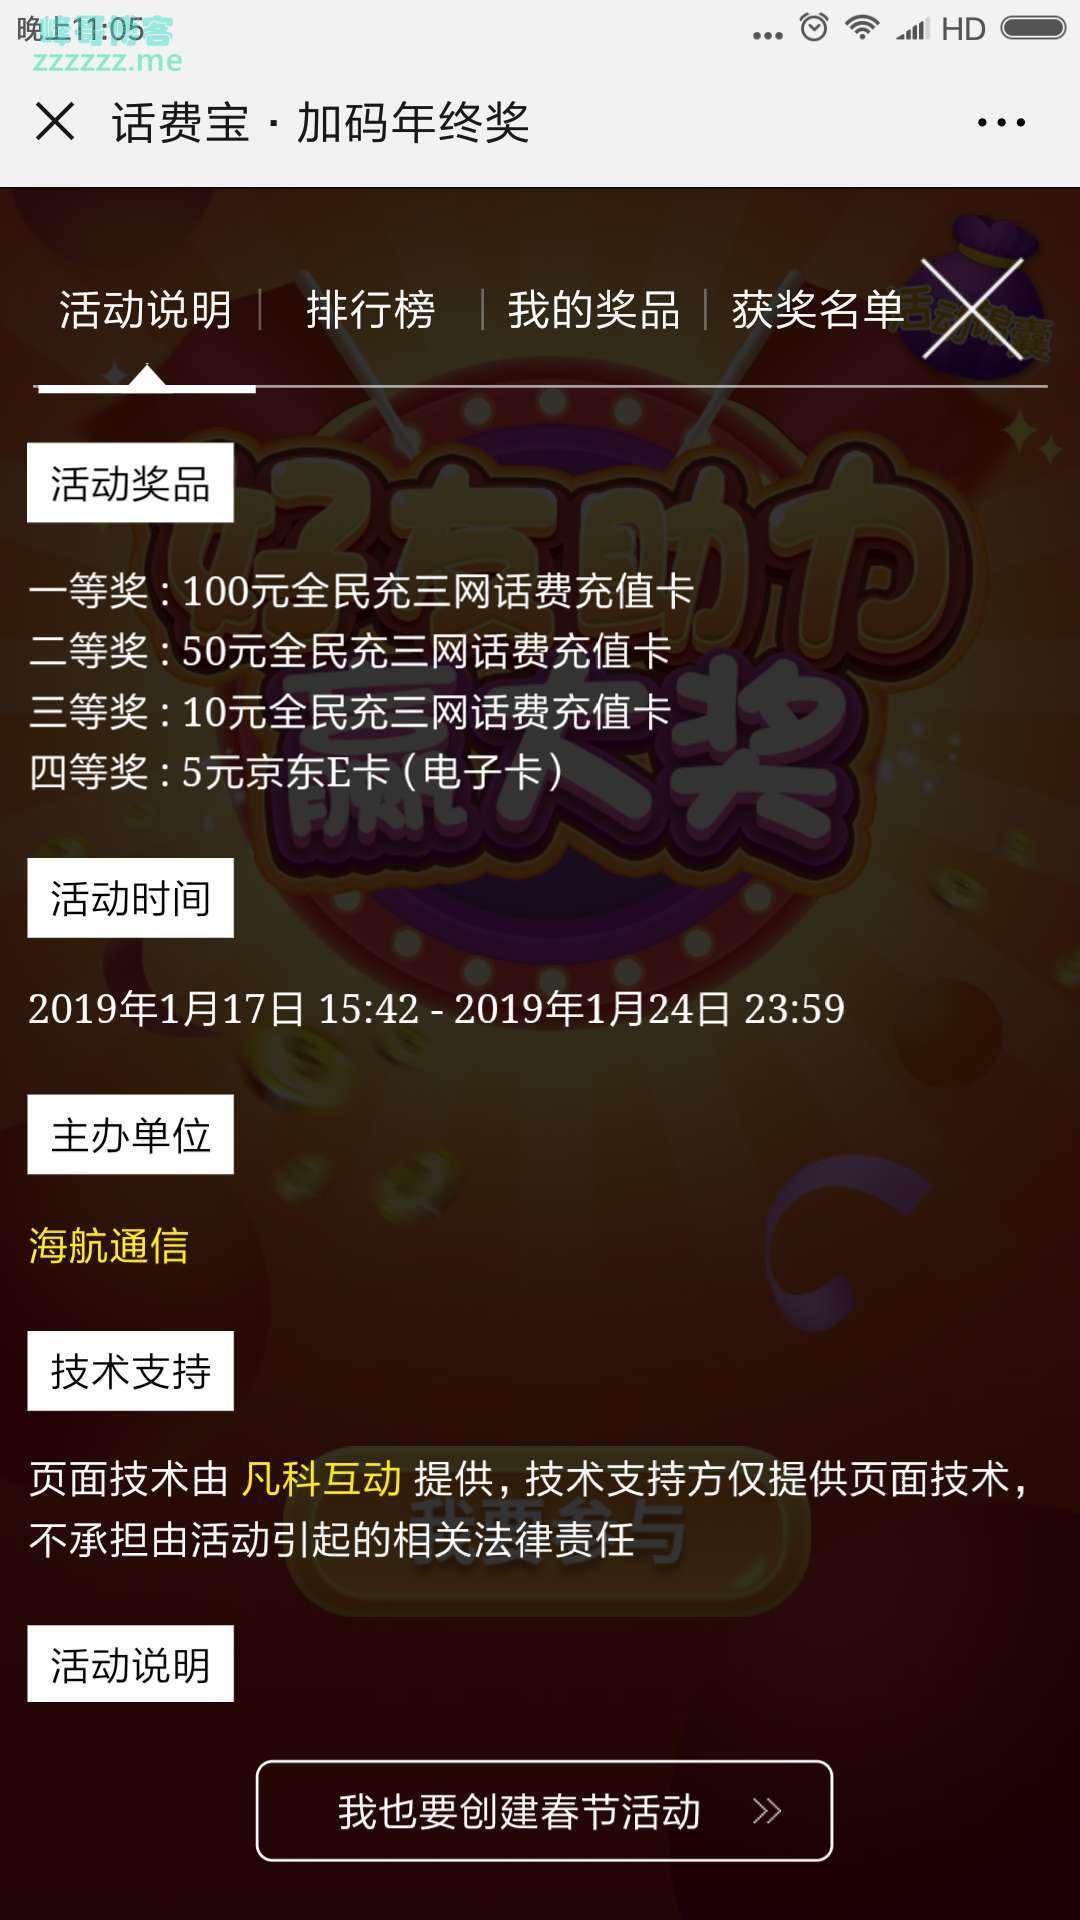 <海航通信话费宝>加码年终奖(截止1月24日)